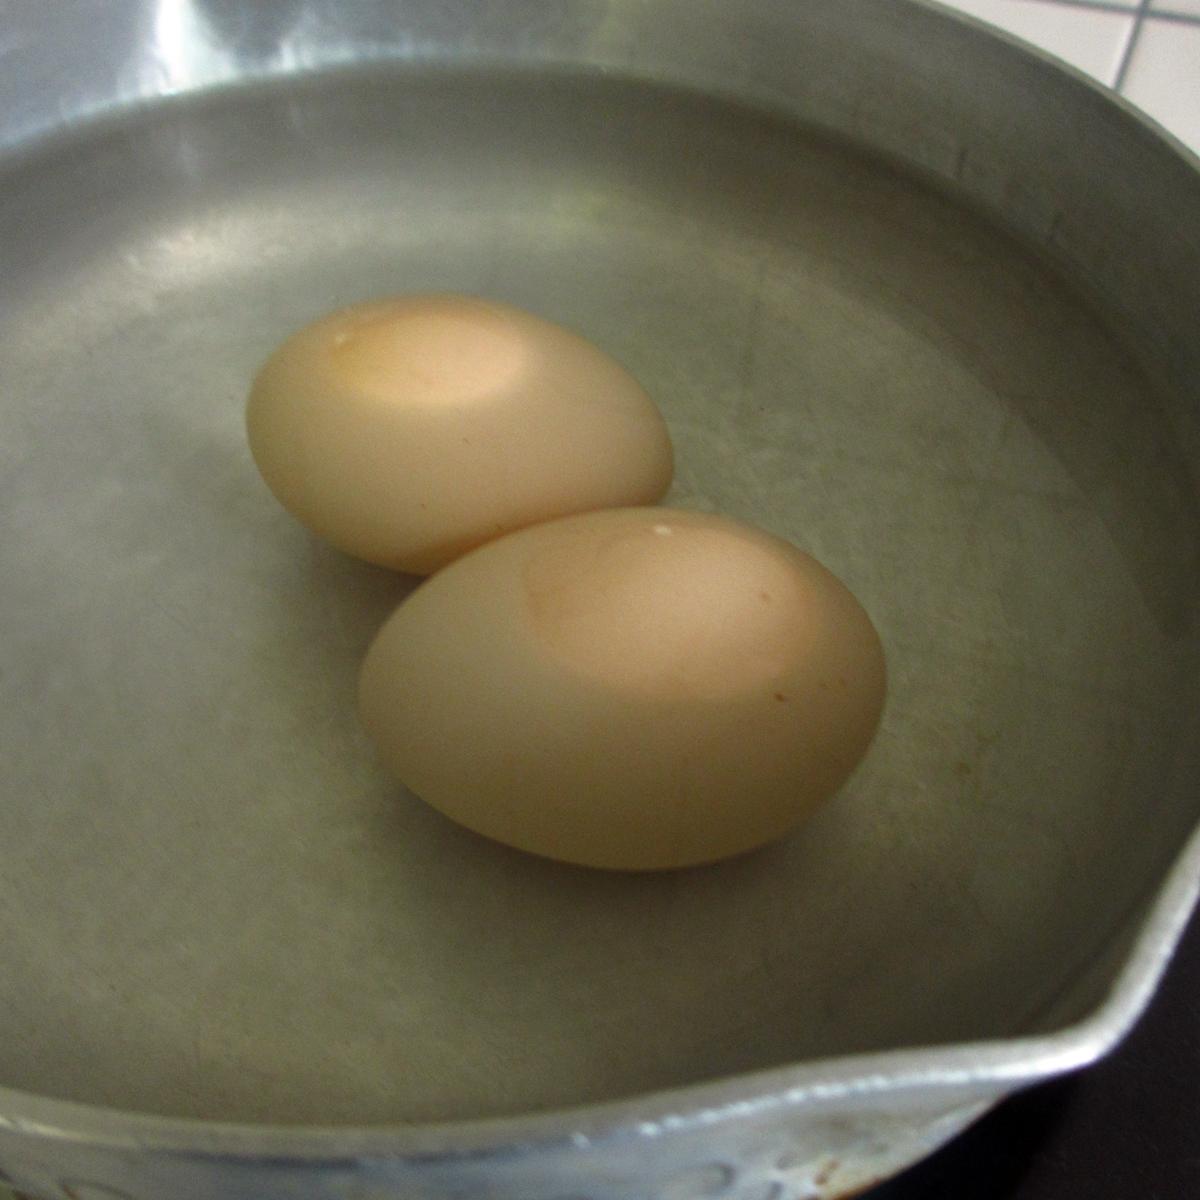 ゆで卵調理中20150704 (2)